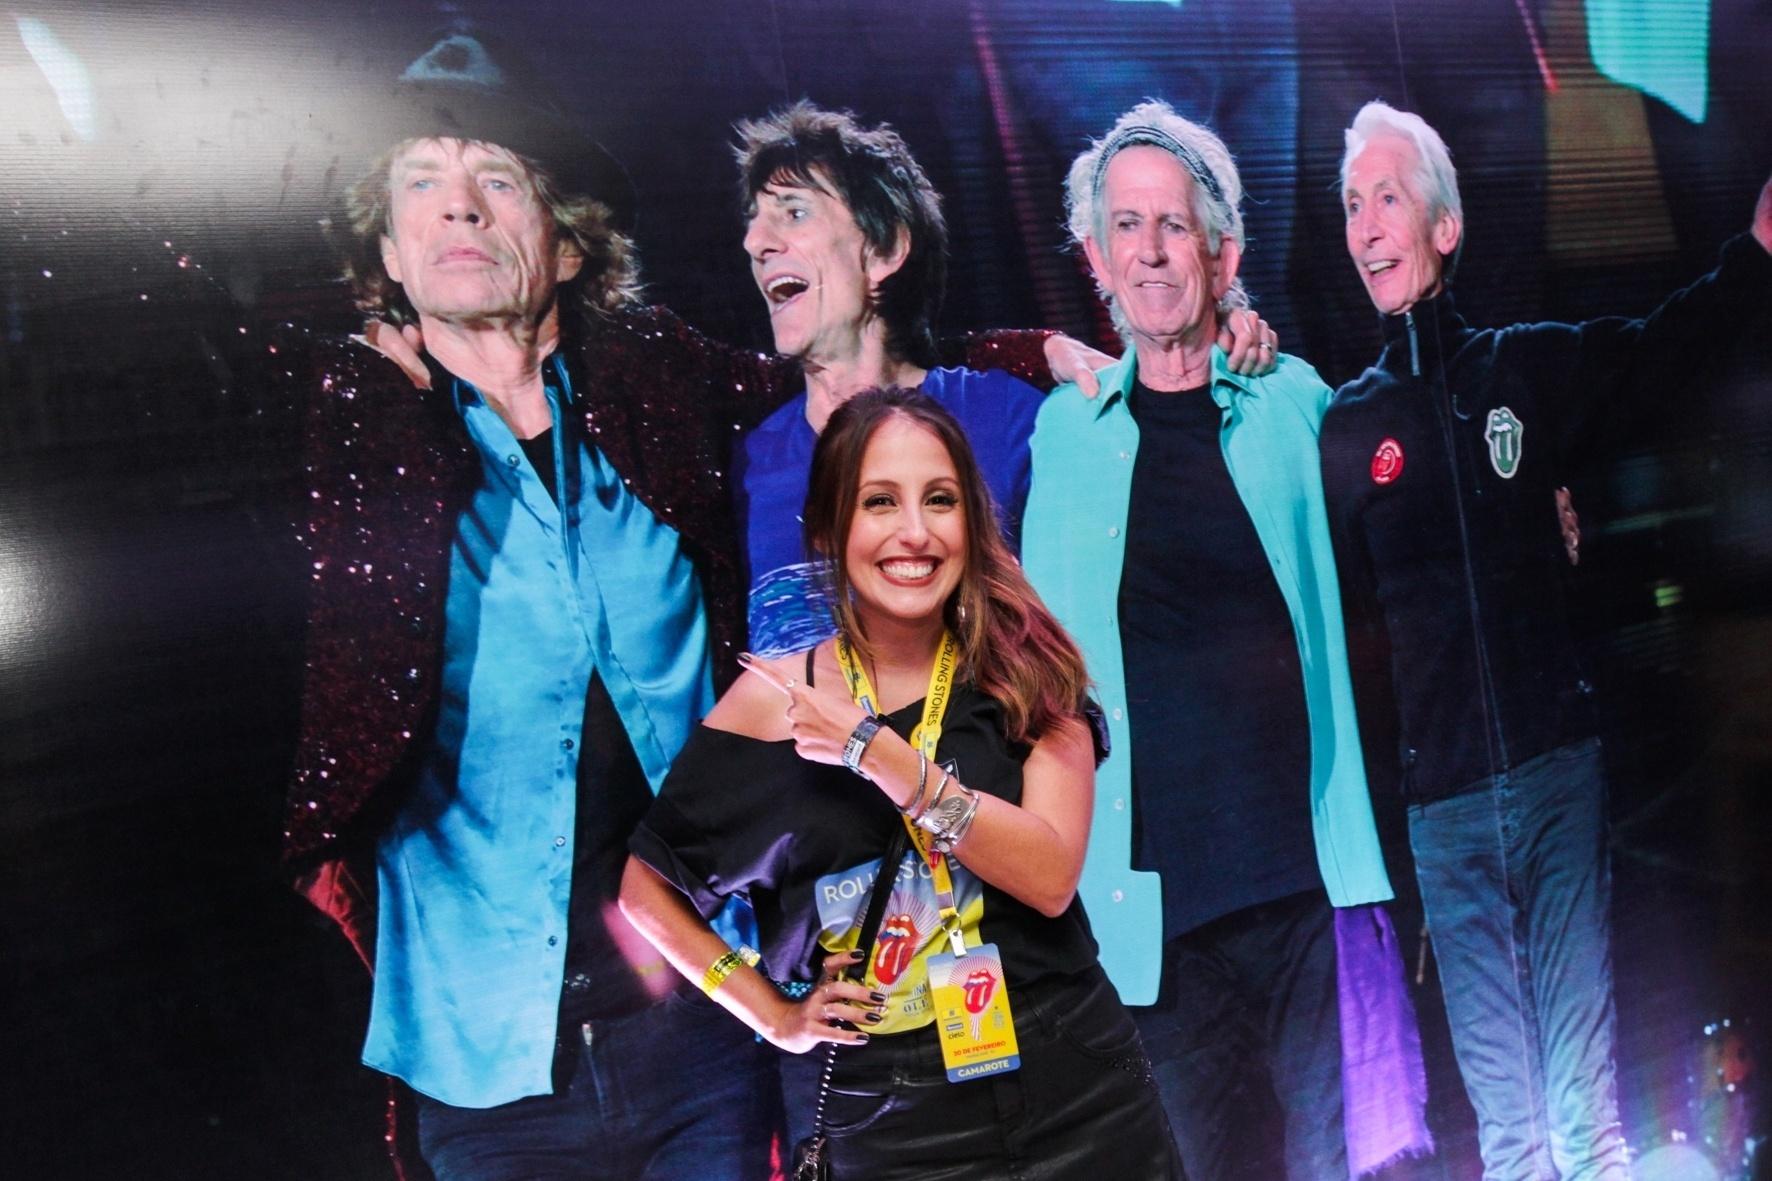 20.fev.2016 - A atriz Luana Martau curte o show dos Rolling Stones no camarote, no Rio